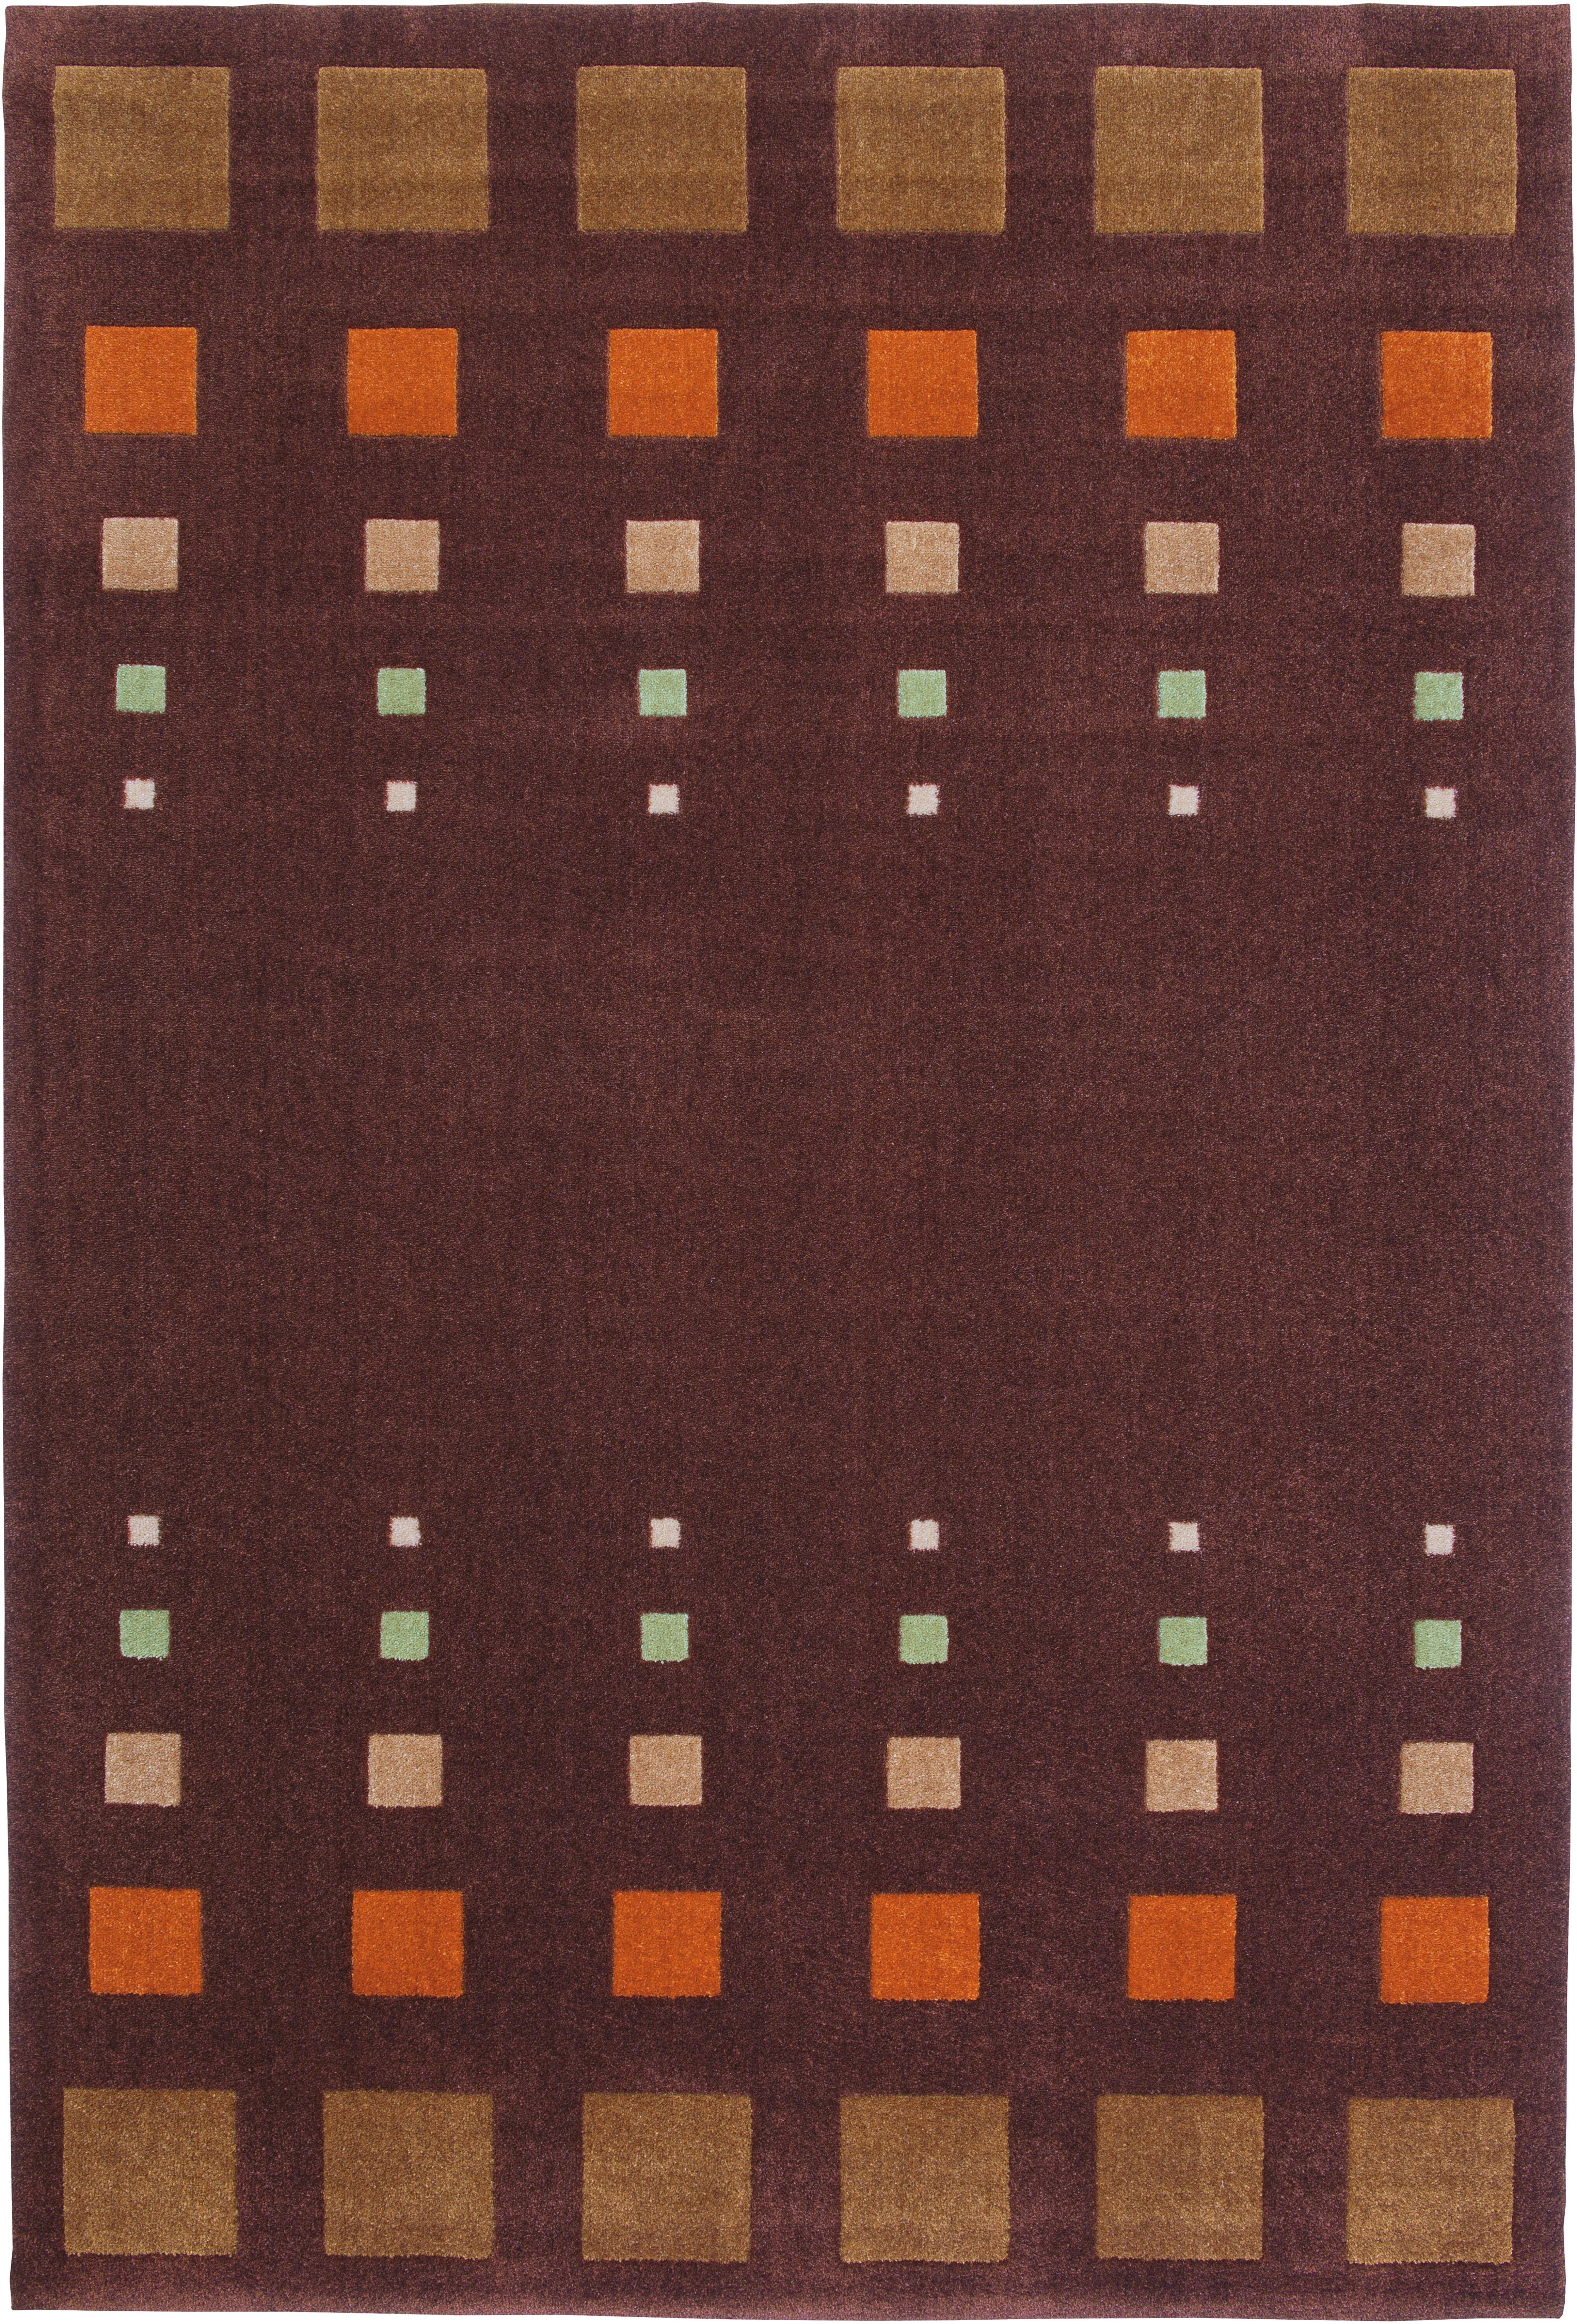 Teppich Style 40 Arte Espina rechteckig Höhe 9 mm maschinell gewebt